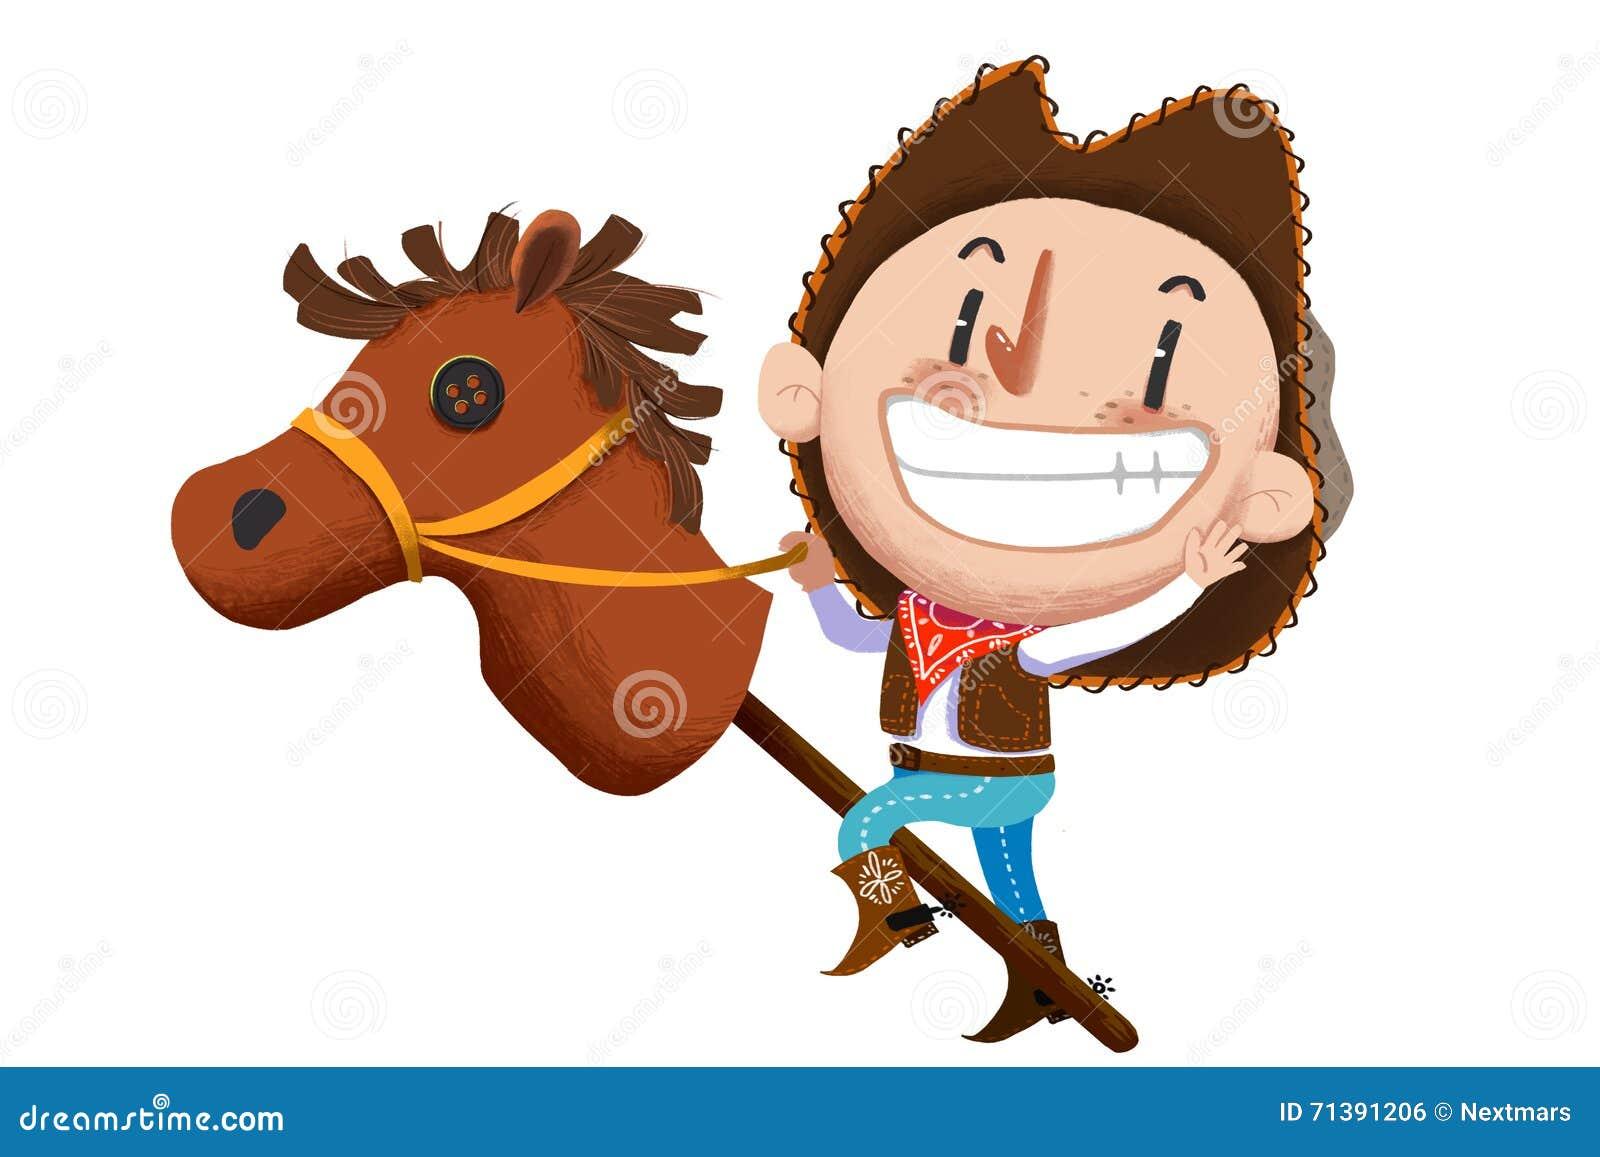 illustration f r kinder das kuh jungen spiel mit angef lltem pferdespielzeug stock abbildung. Black Bedroom Furniture Sets. Home Design Ideas